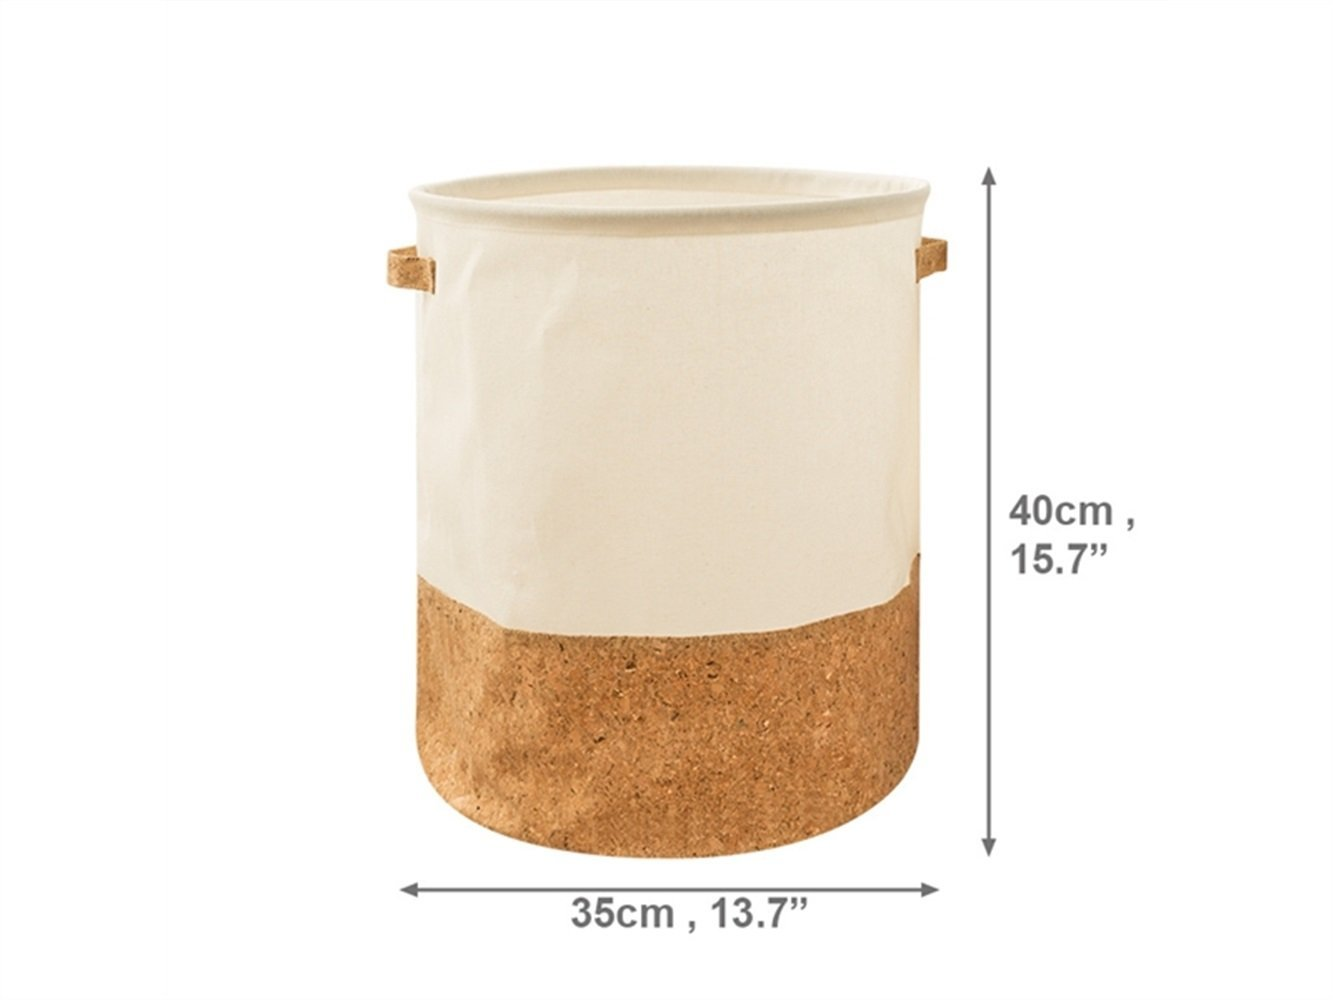 Gelaiken Lightweight Stitching Storage Box Cotton and Linen Box Sundries Storage Bucket (Light Brown+White)